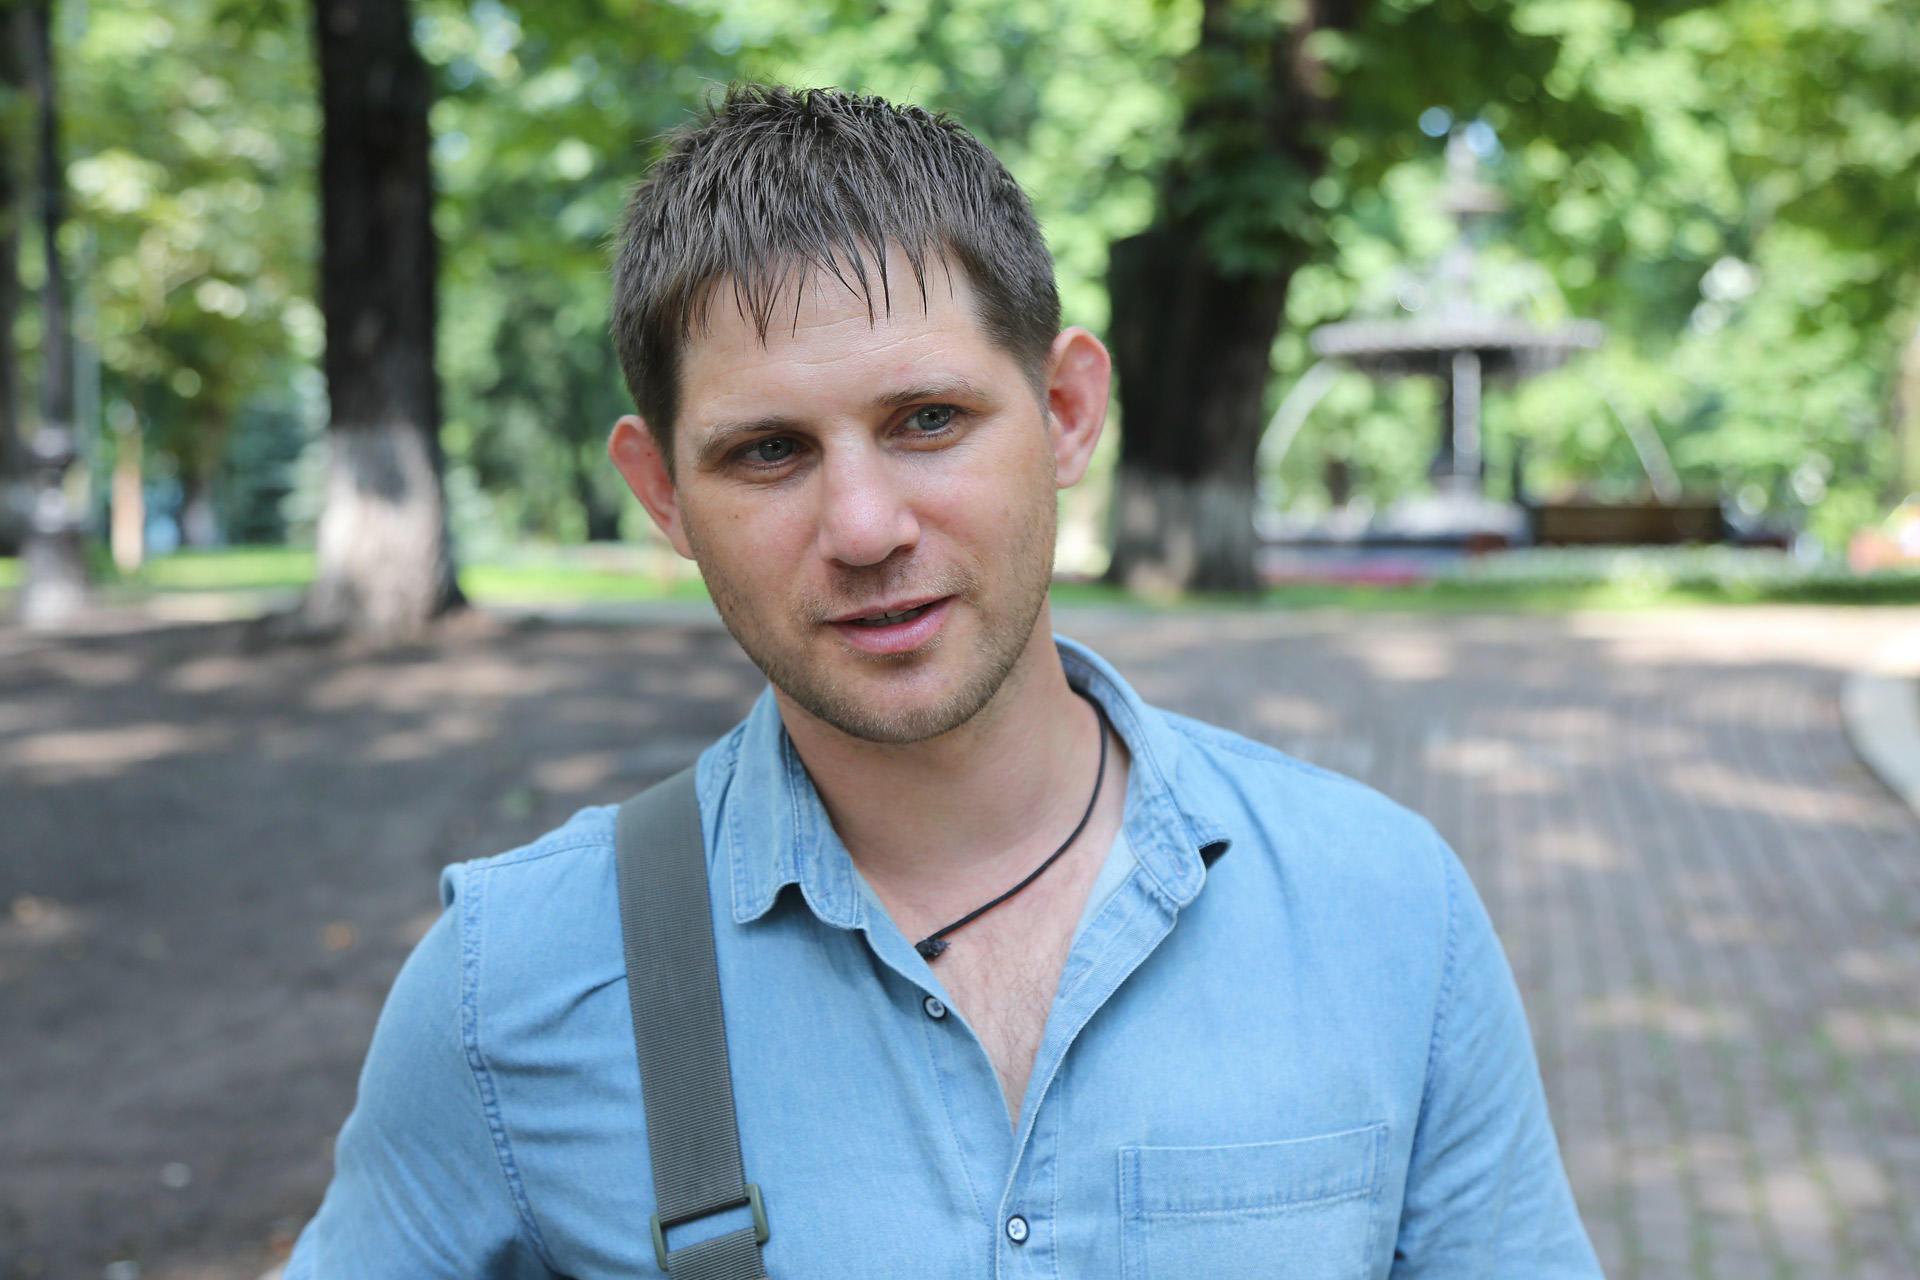 Як минув 2020-й рік для звільненого з полону українця Богдана Пантюшенка